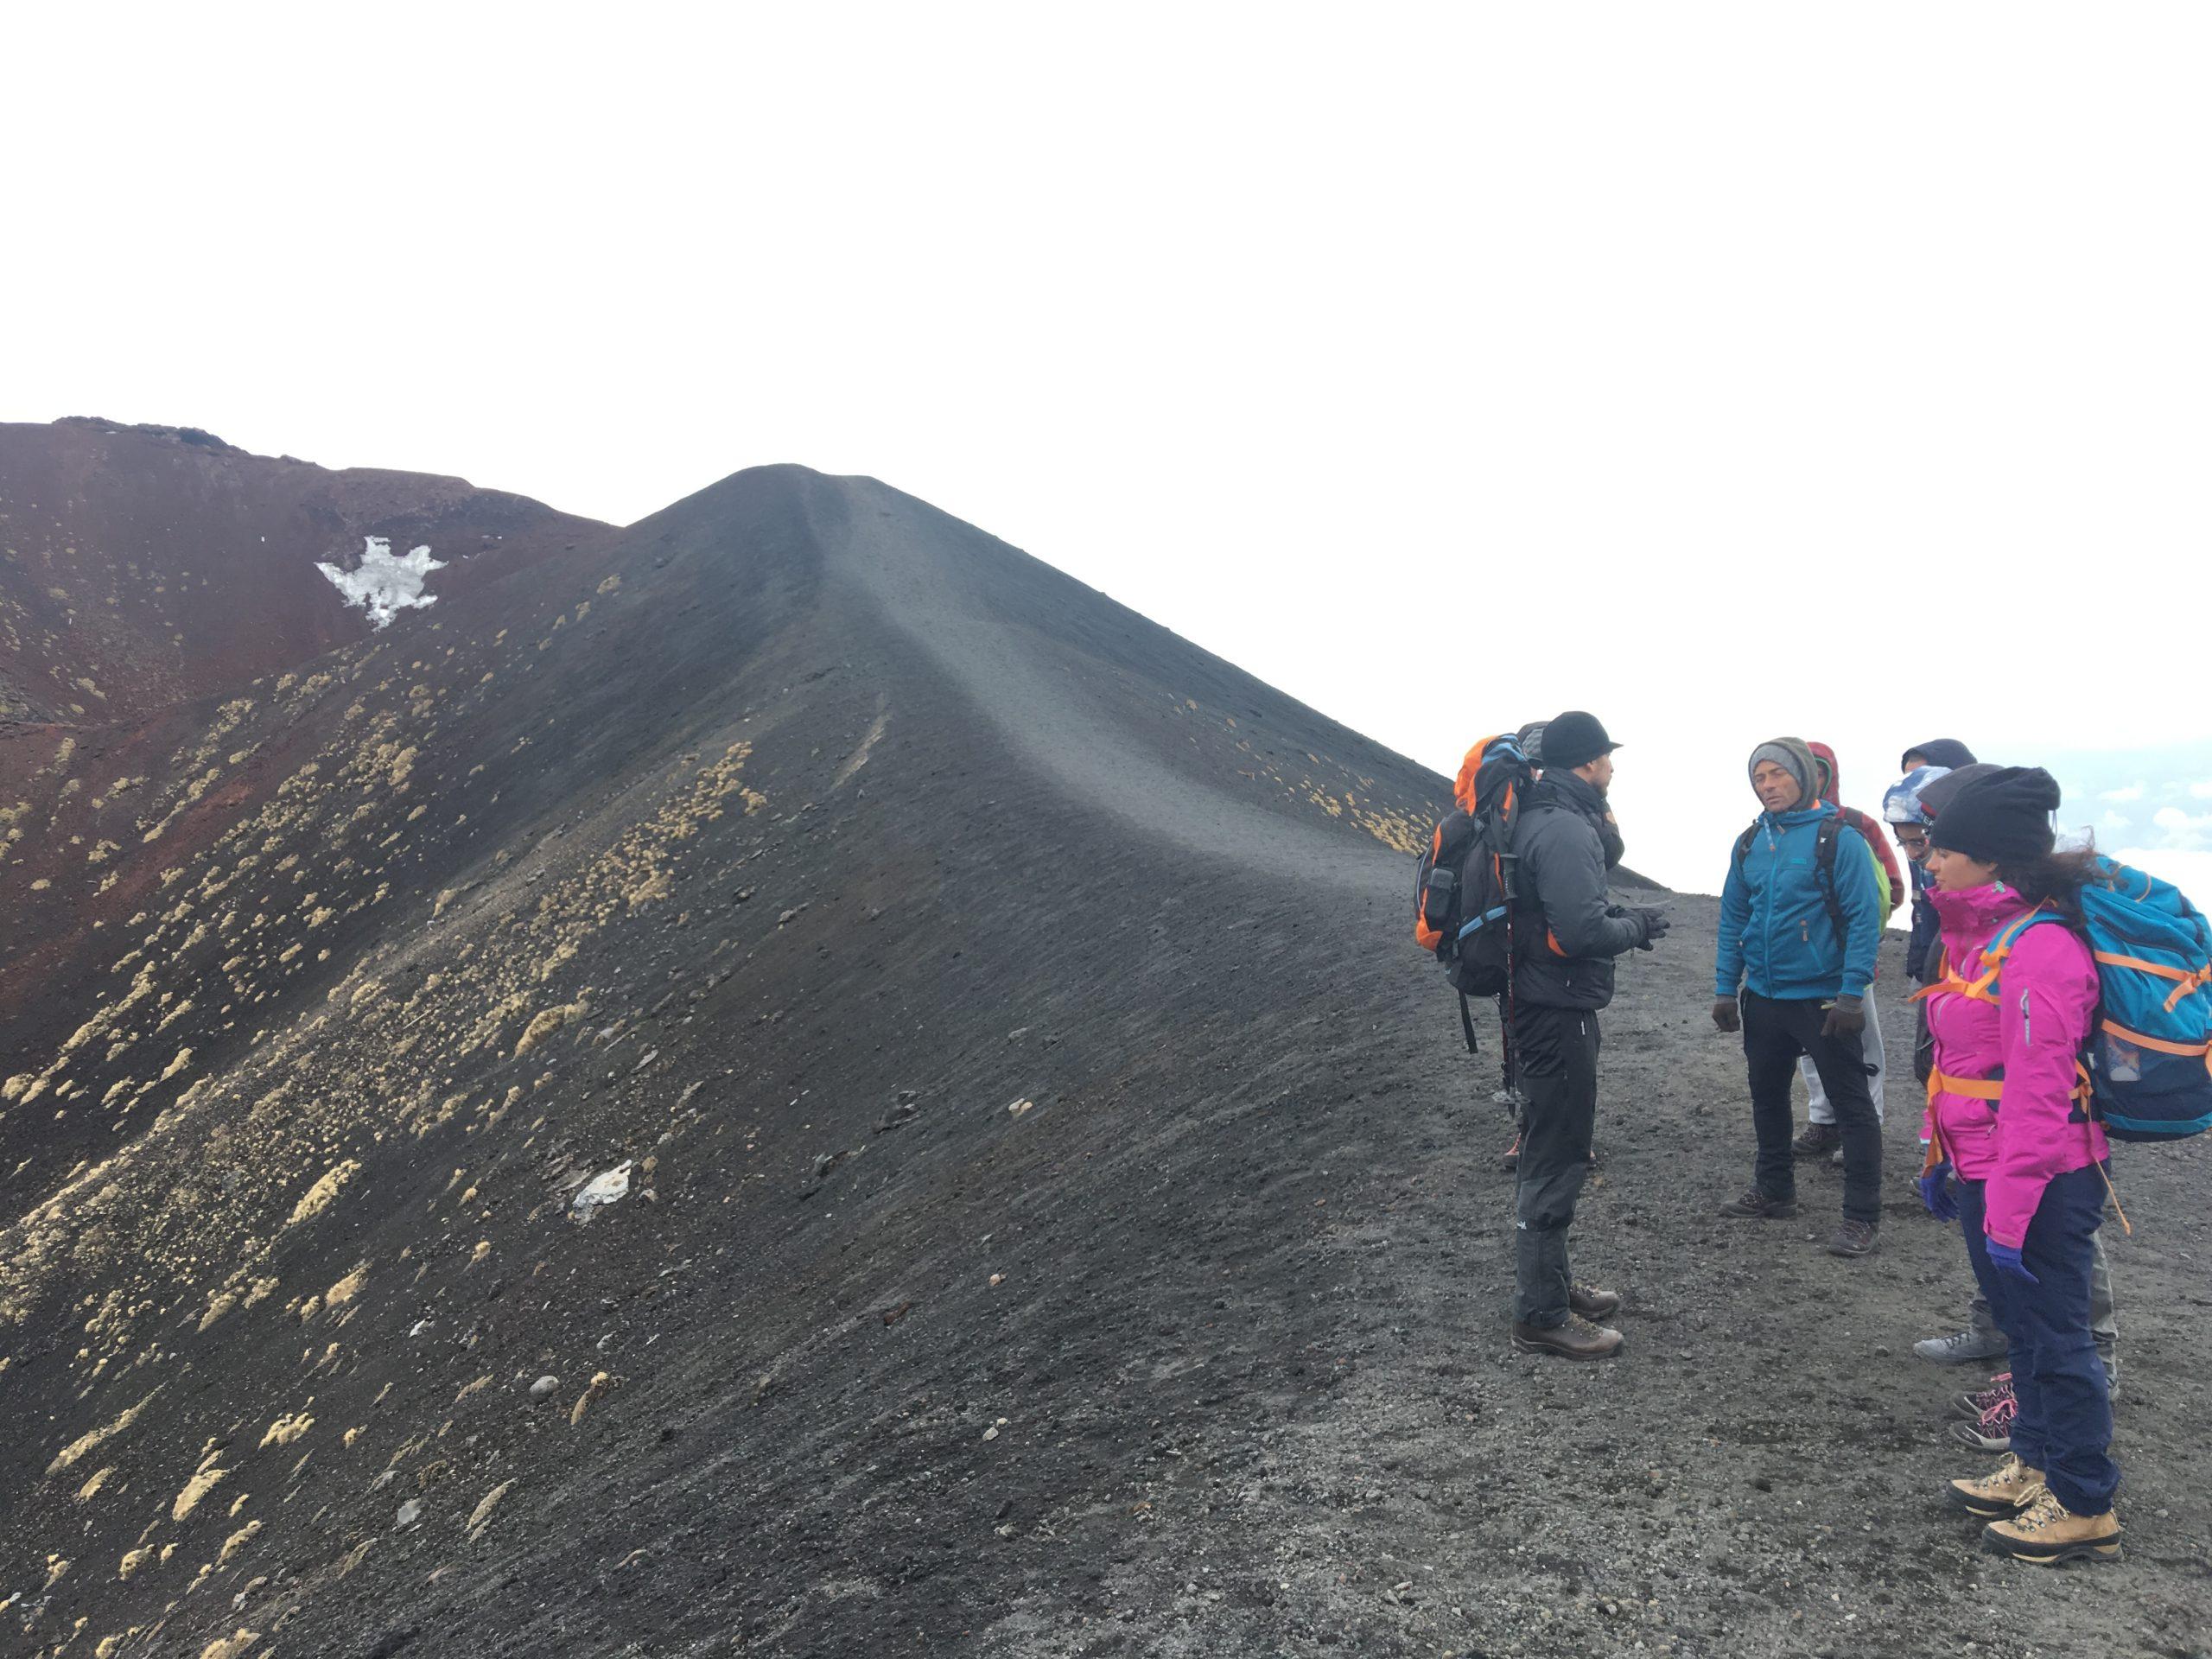 Etna Trekking during the full day tour